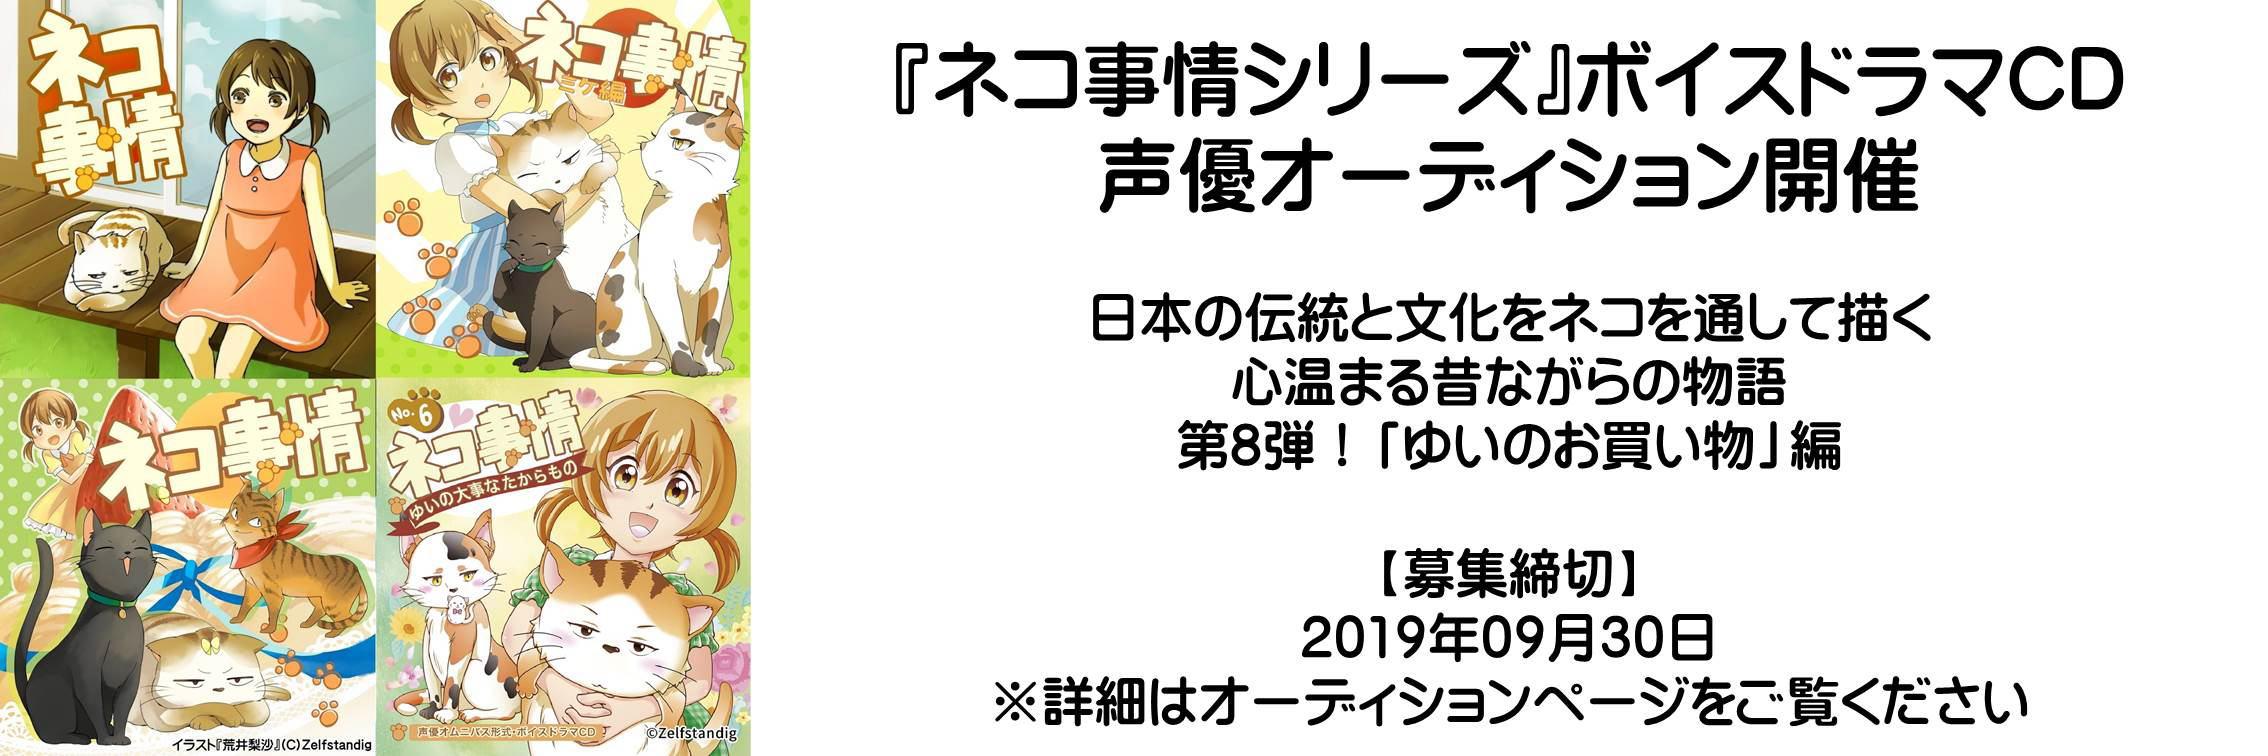 ネコ事情シリーズ声優オーディションVol.8